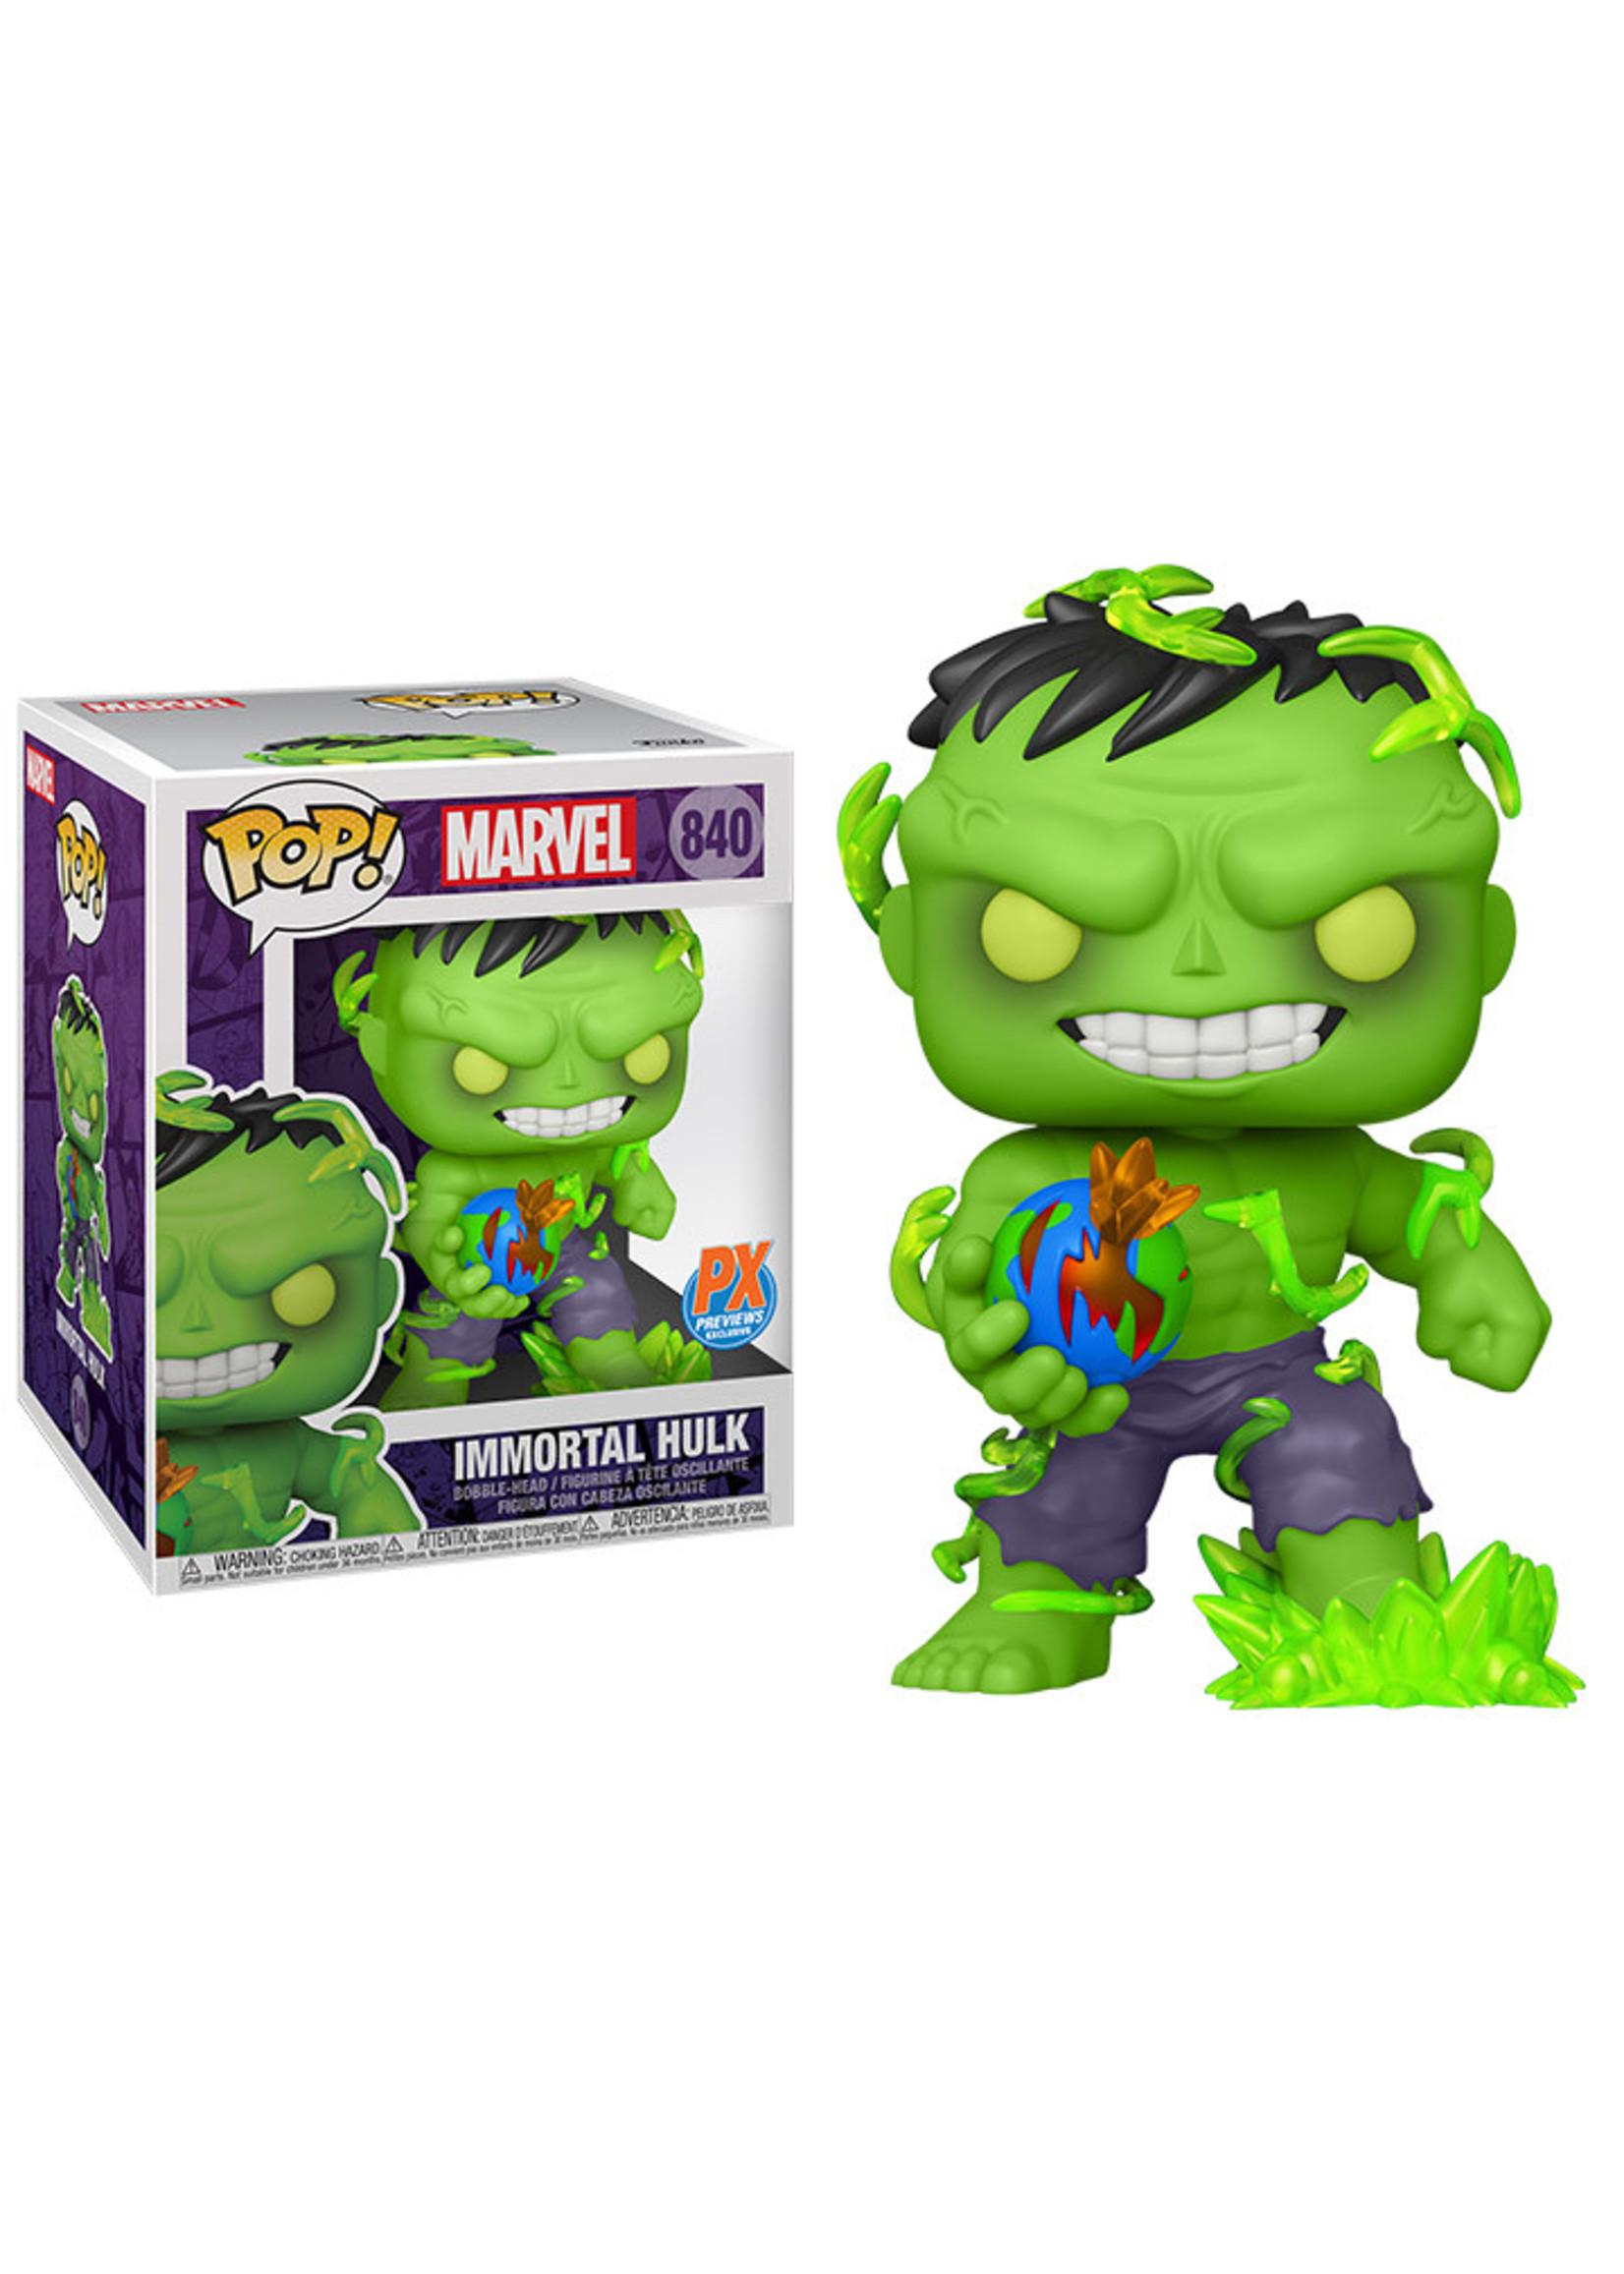 Funko The Immortal Hulk Pop